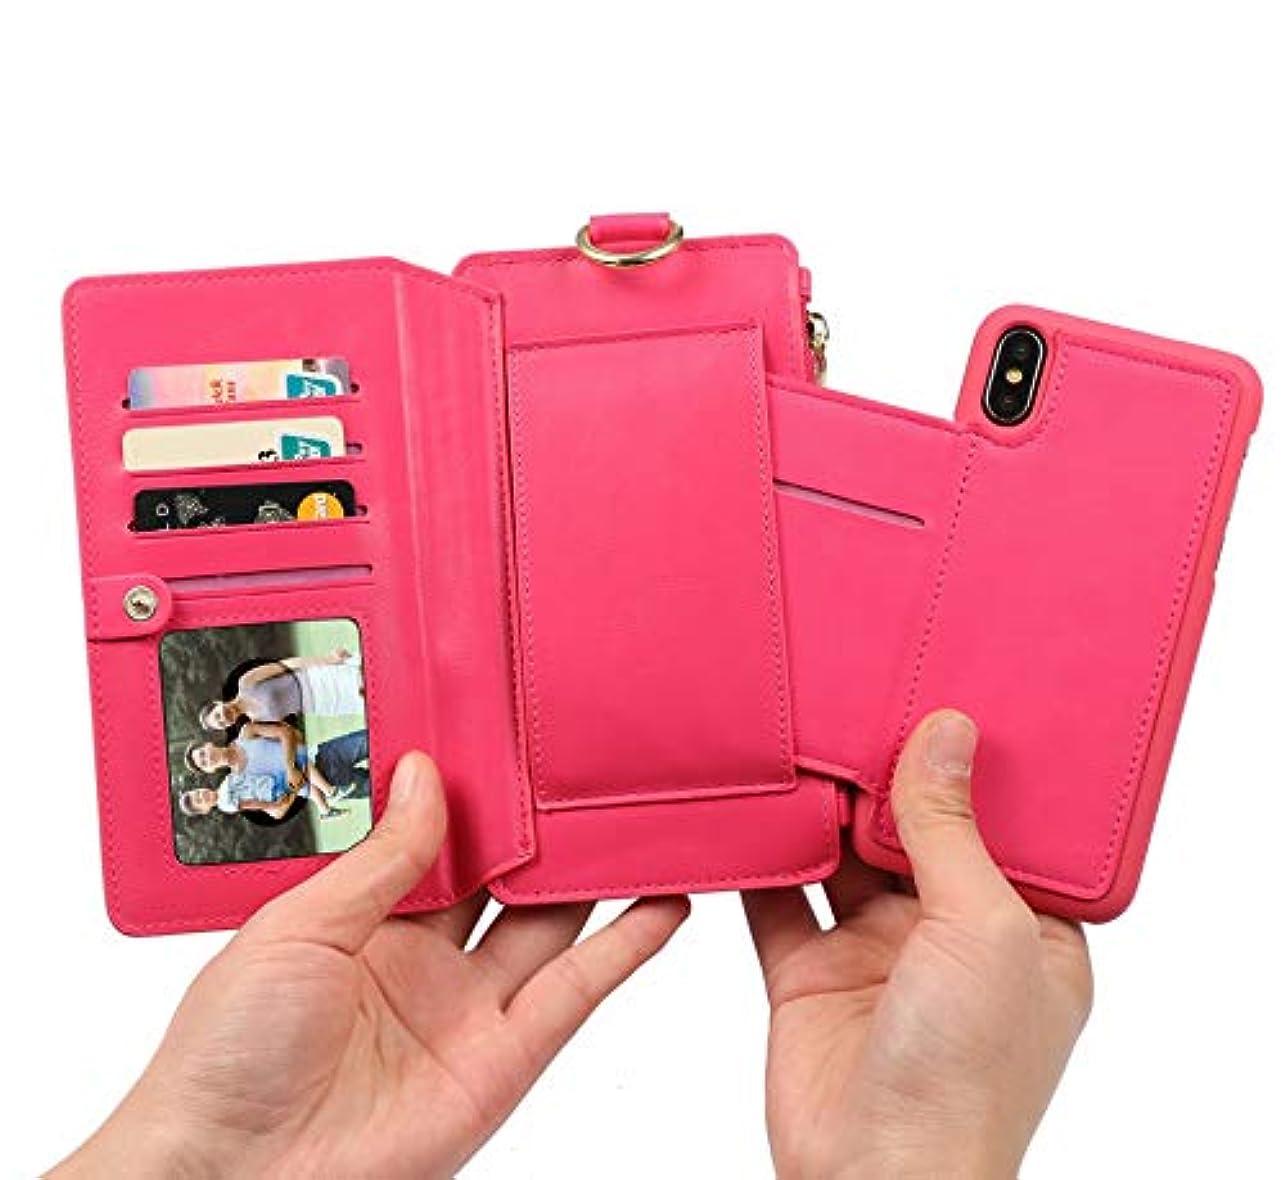 水族館息を切らして反応するiPhone 8 Plus パソコンExit包保護套 - 折りたたみ保護袖 - 立ちブラケット-ビジネススタイル-全身保護-内殻金属リング-12札入れ-相枠-取り外し可能な電話ケース財布 5.5インチiPhone 7 Plus...